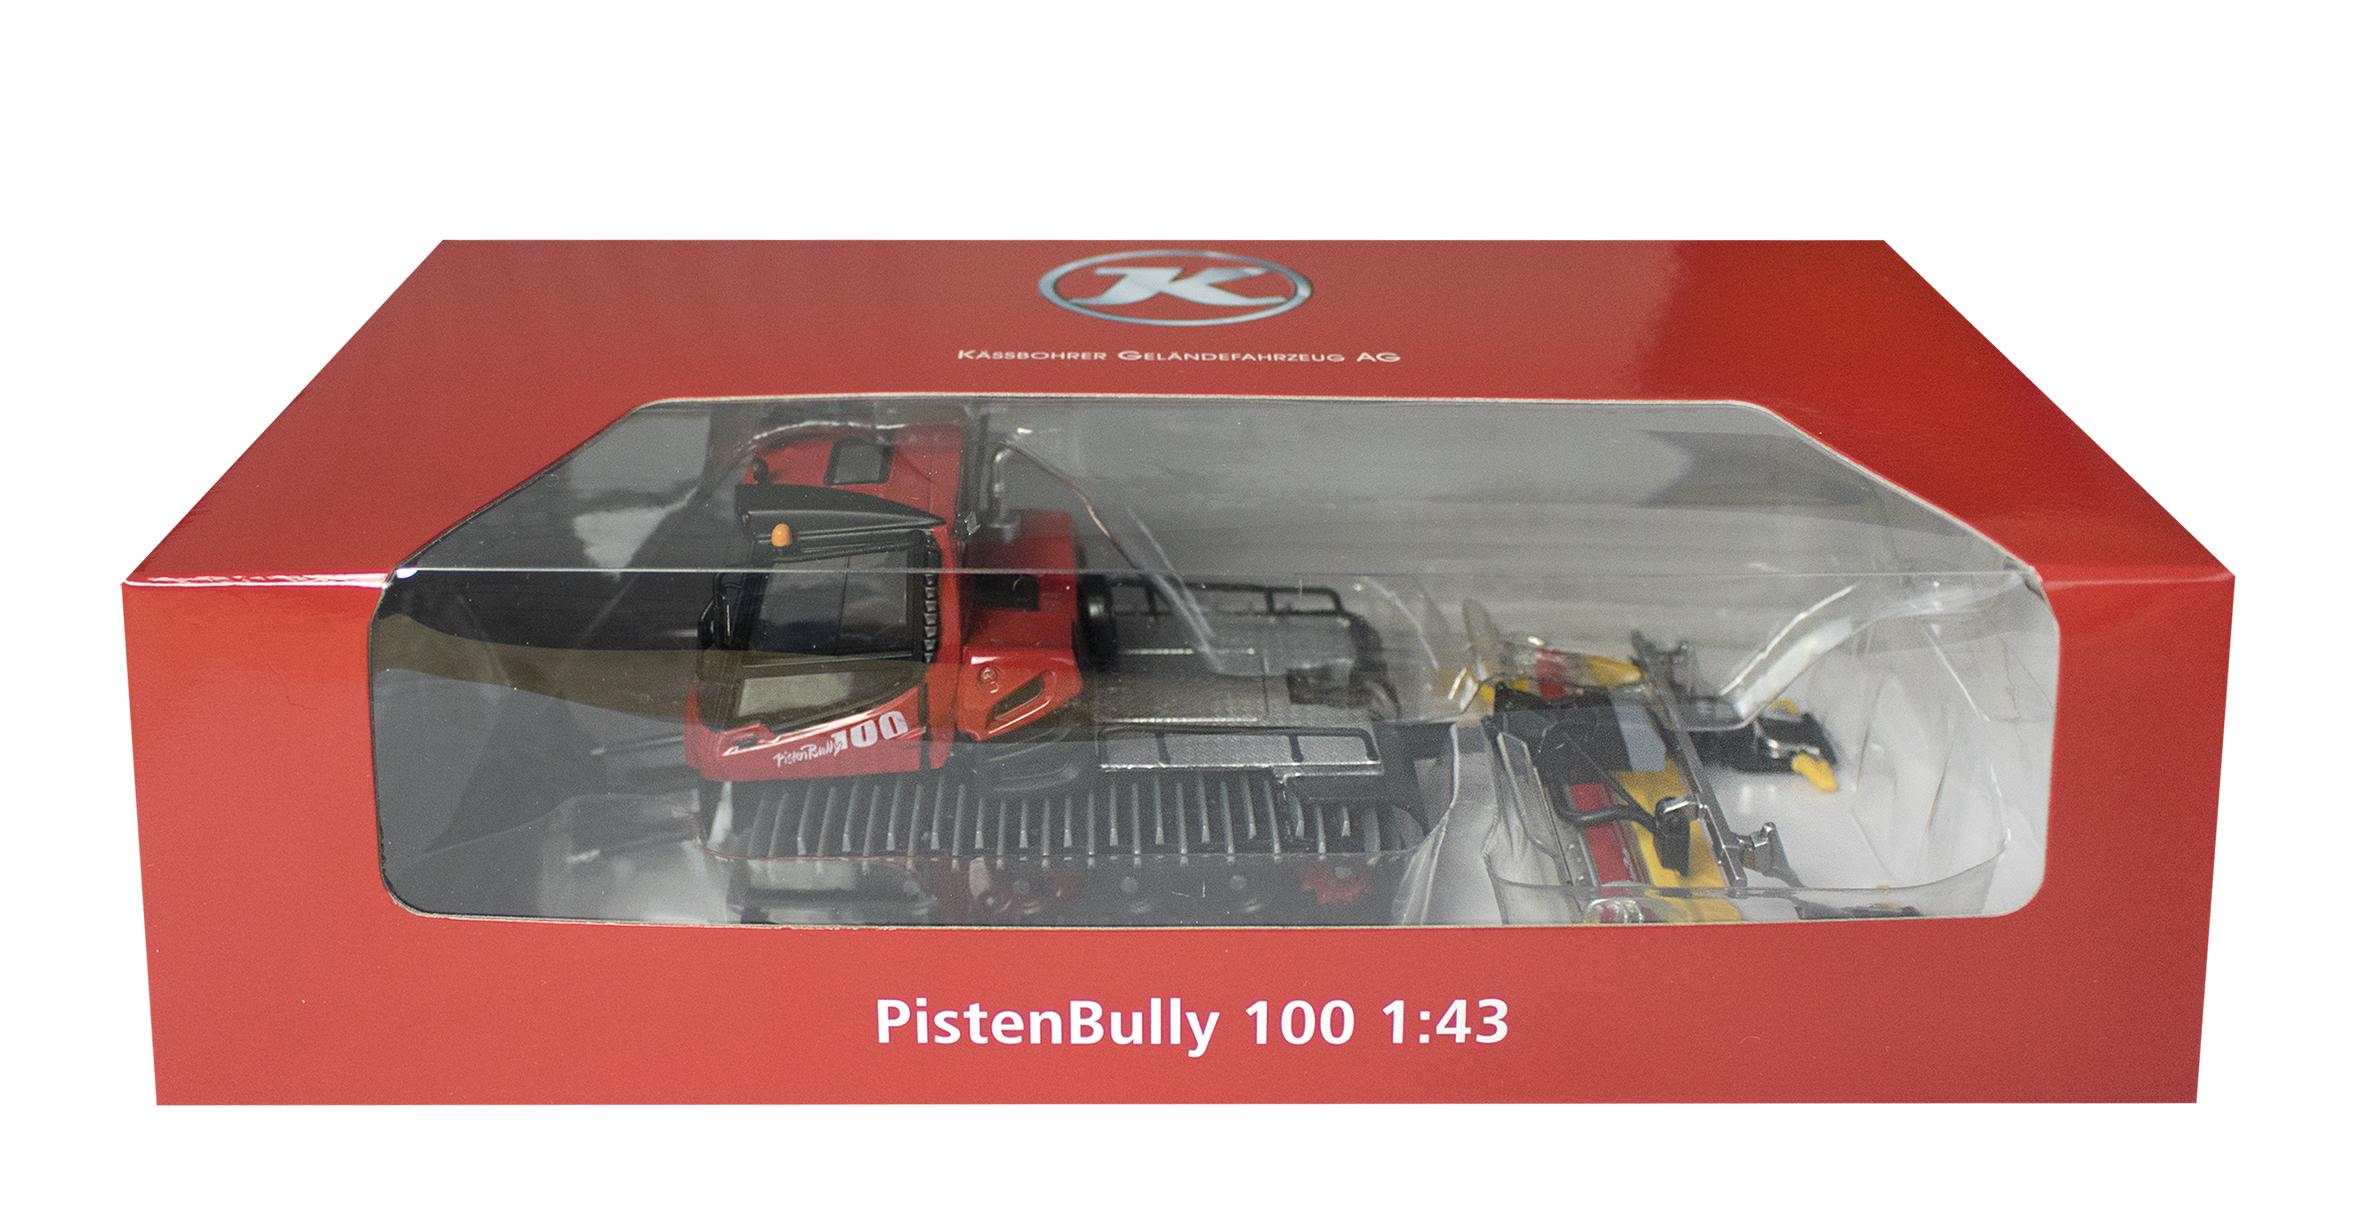 piston bully 100